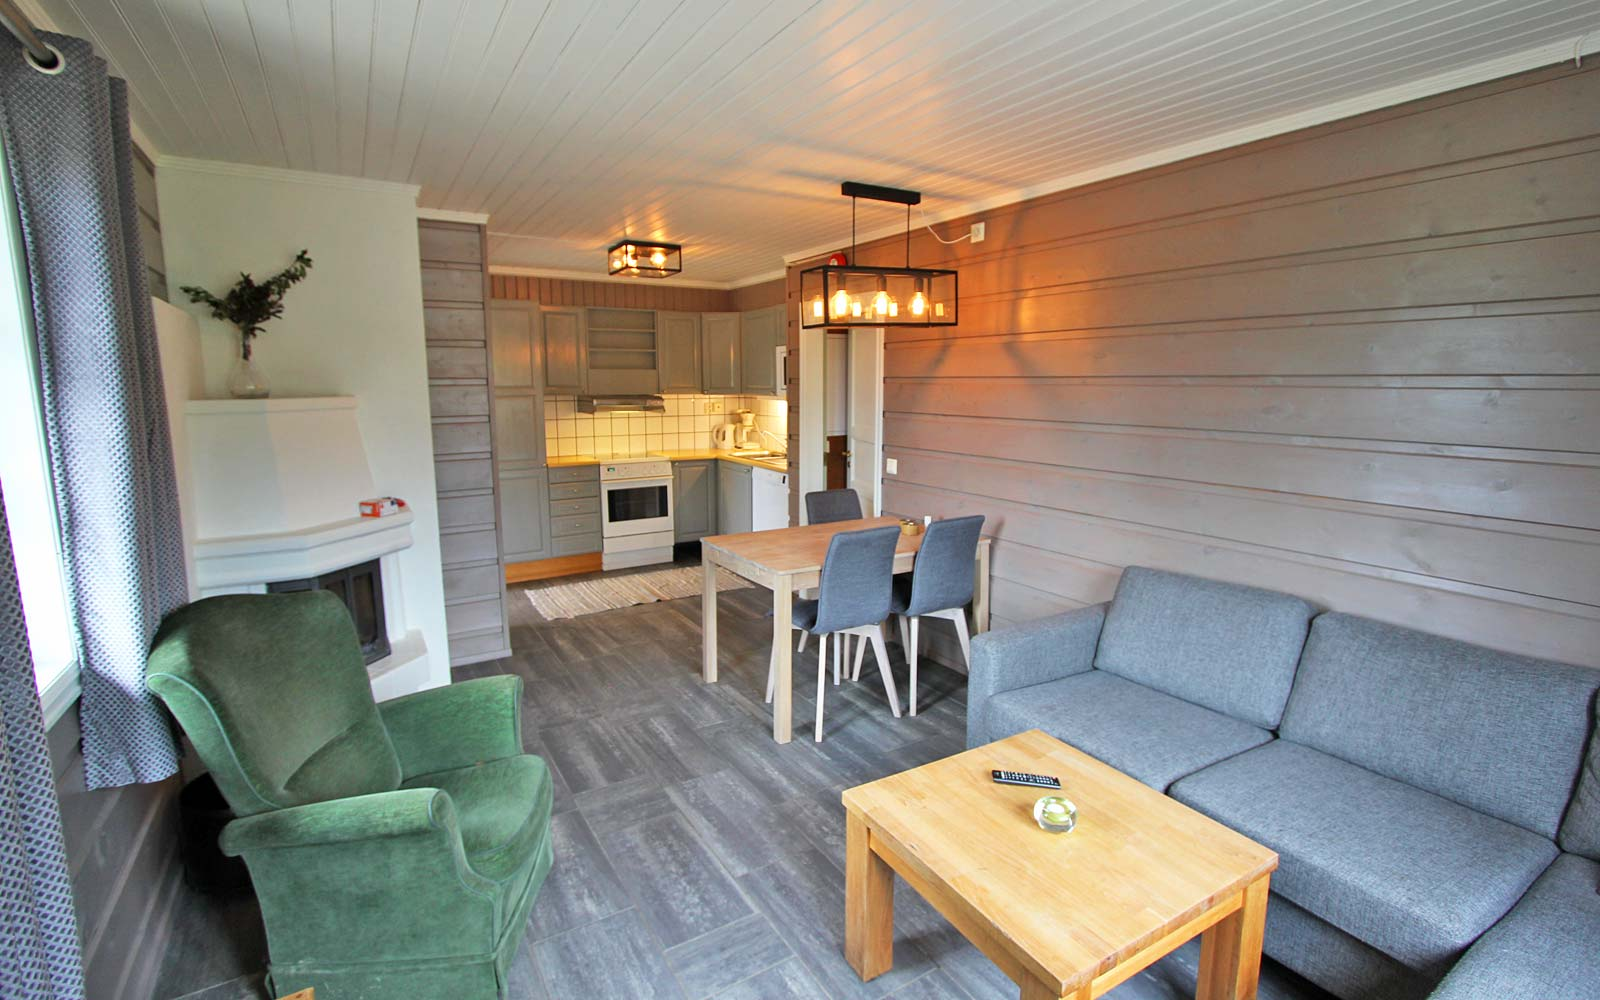 Stue og kjøkken 2 i leilighet Stallen - Sjumilskogen booking Trysil